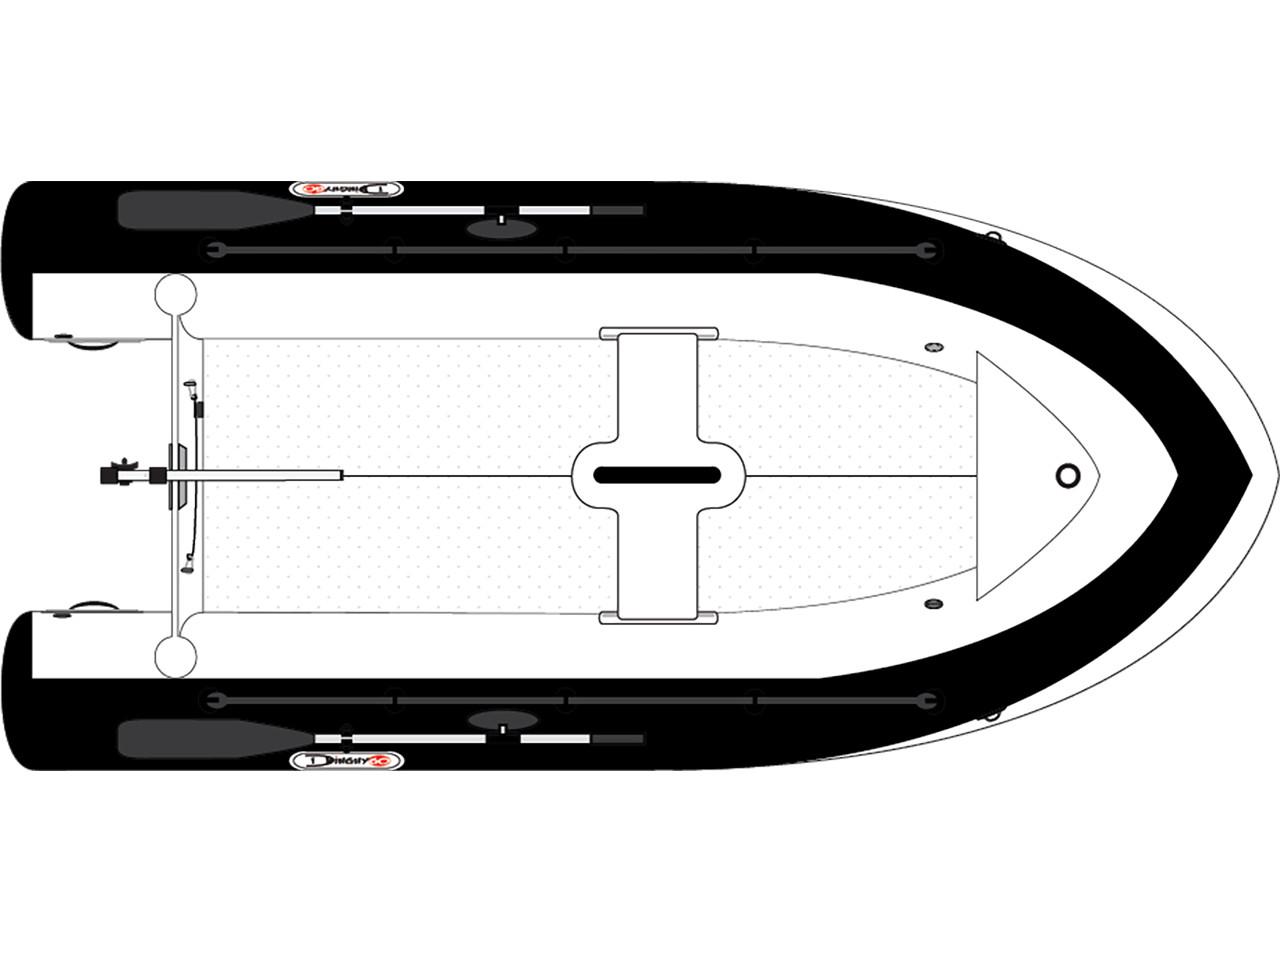 DinghyGo Orca 325 - 9